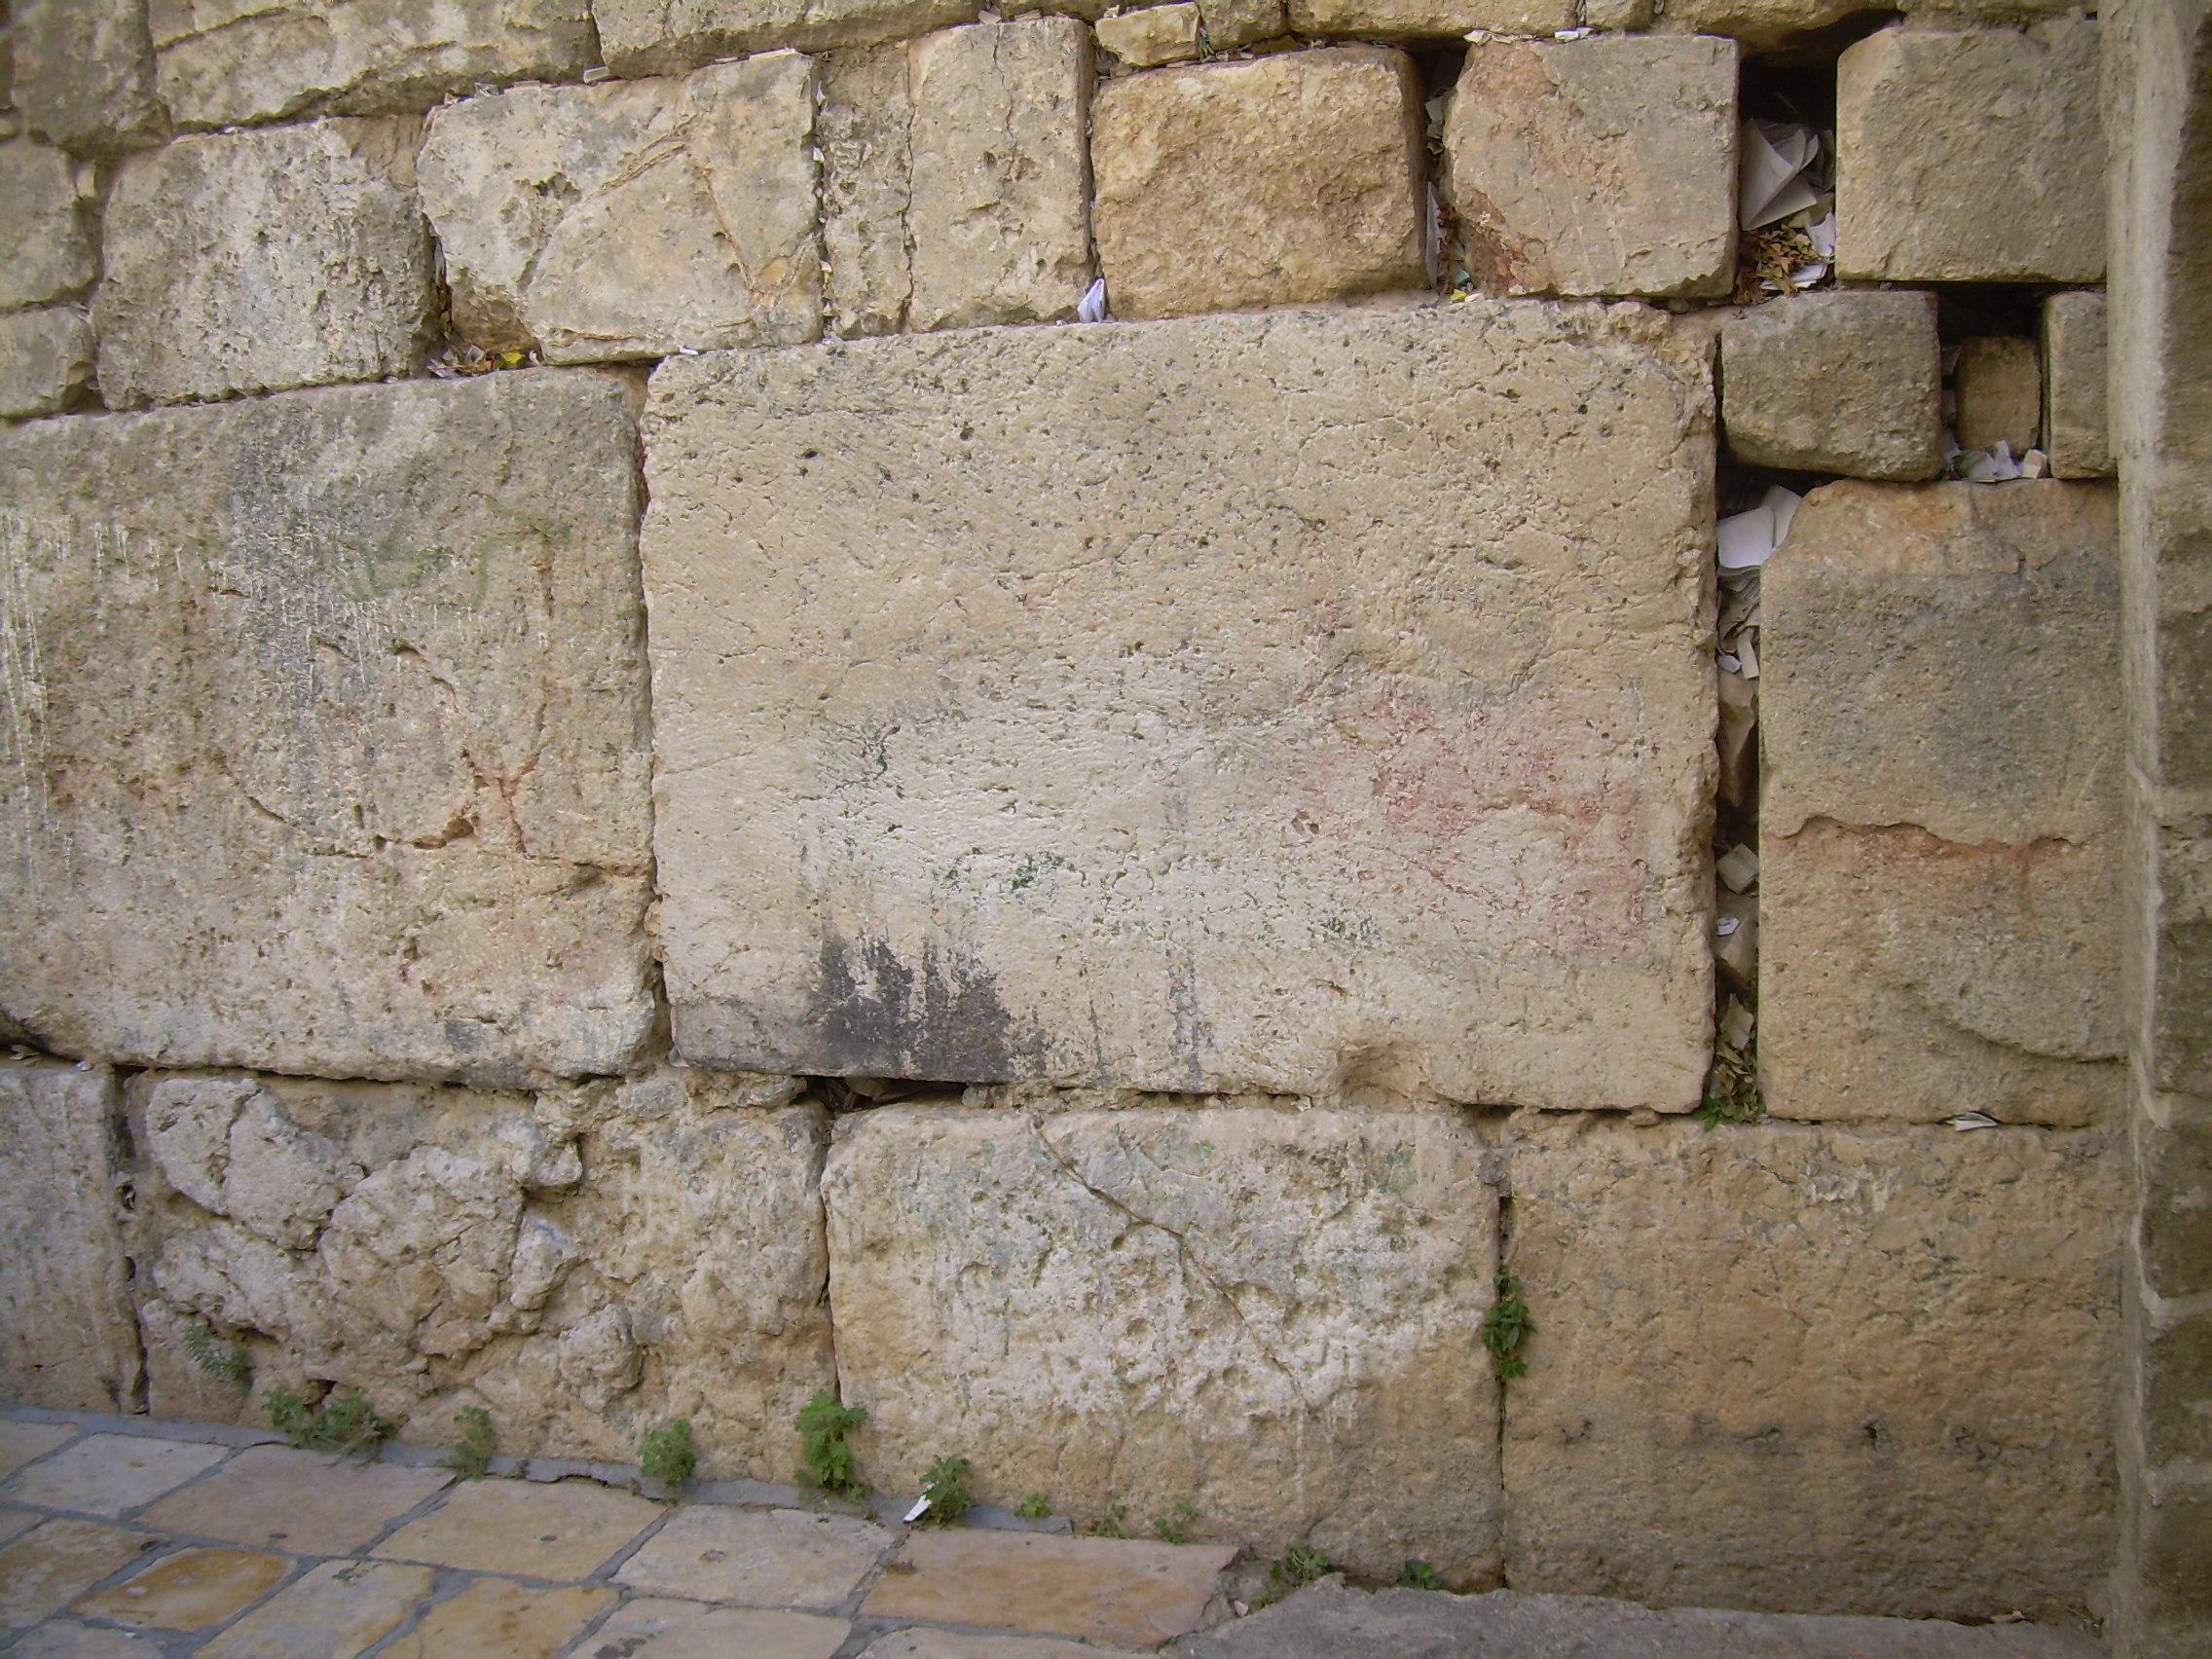 File:jerusalem Small Wall